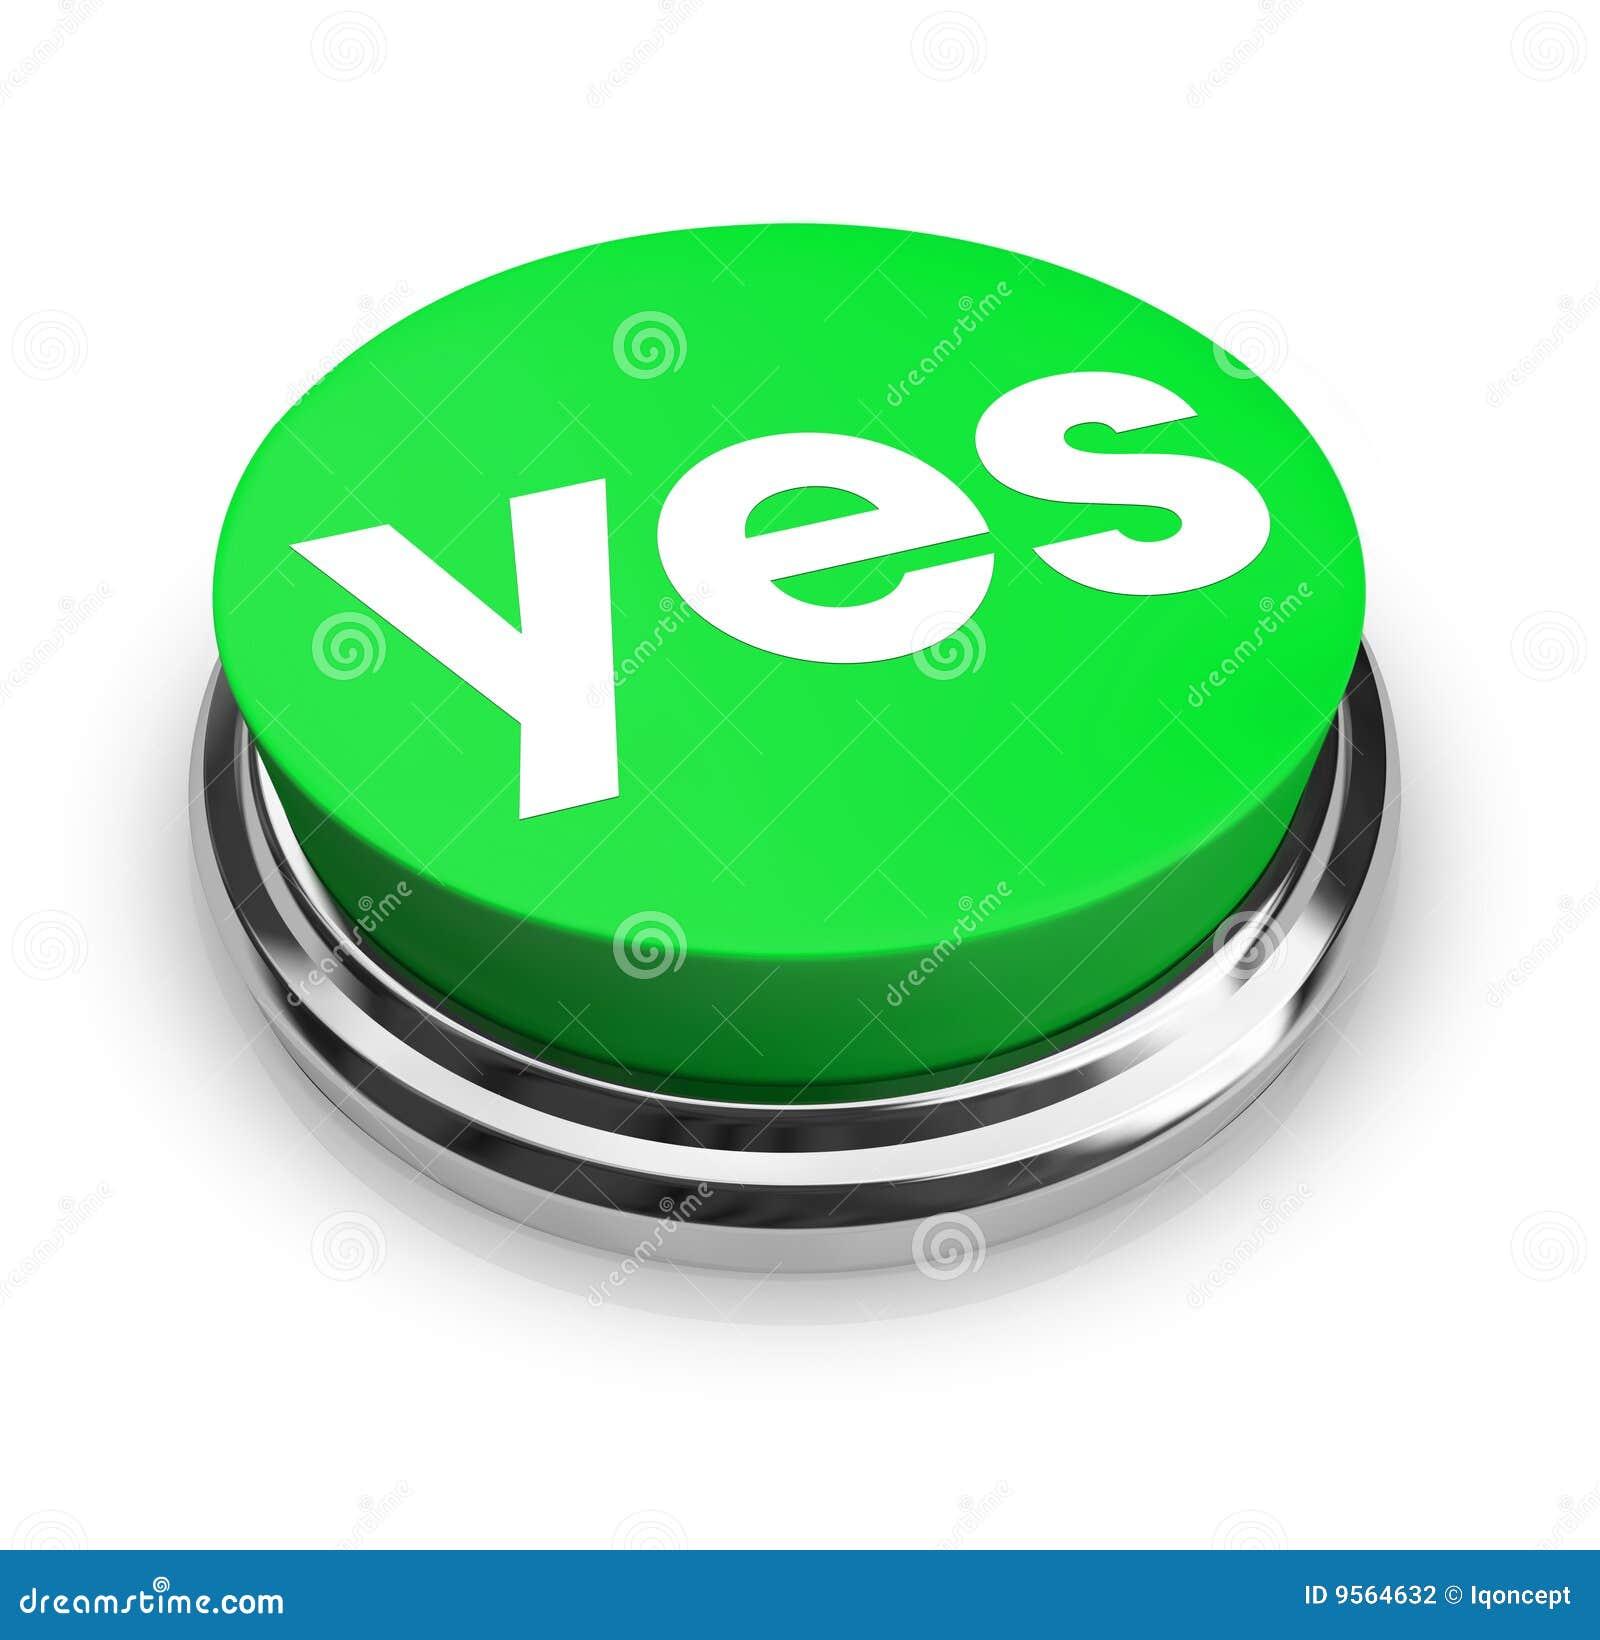 κουμπί πράσινο ναι